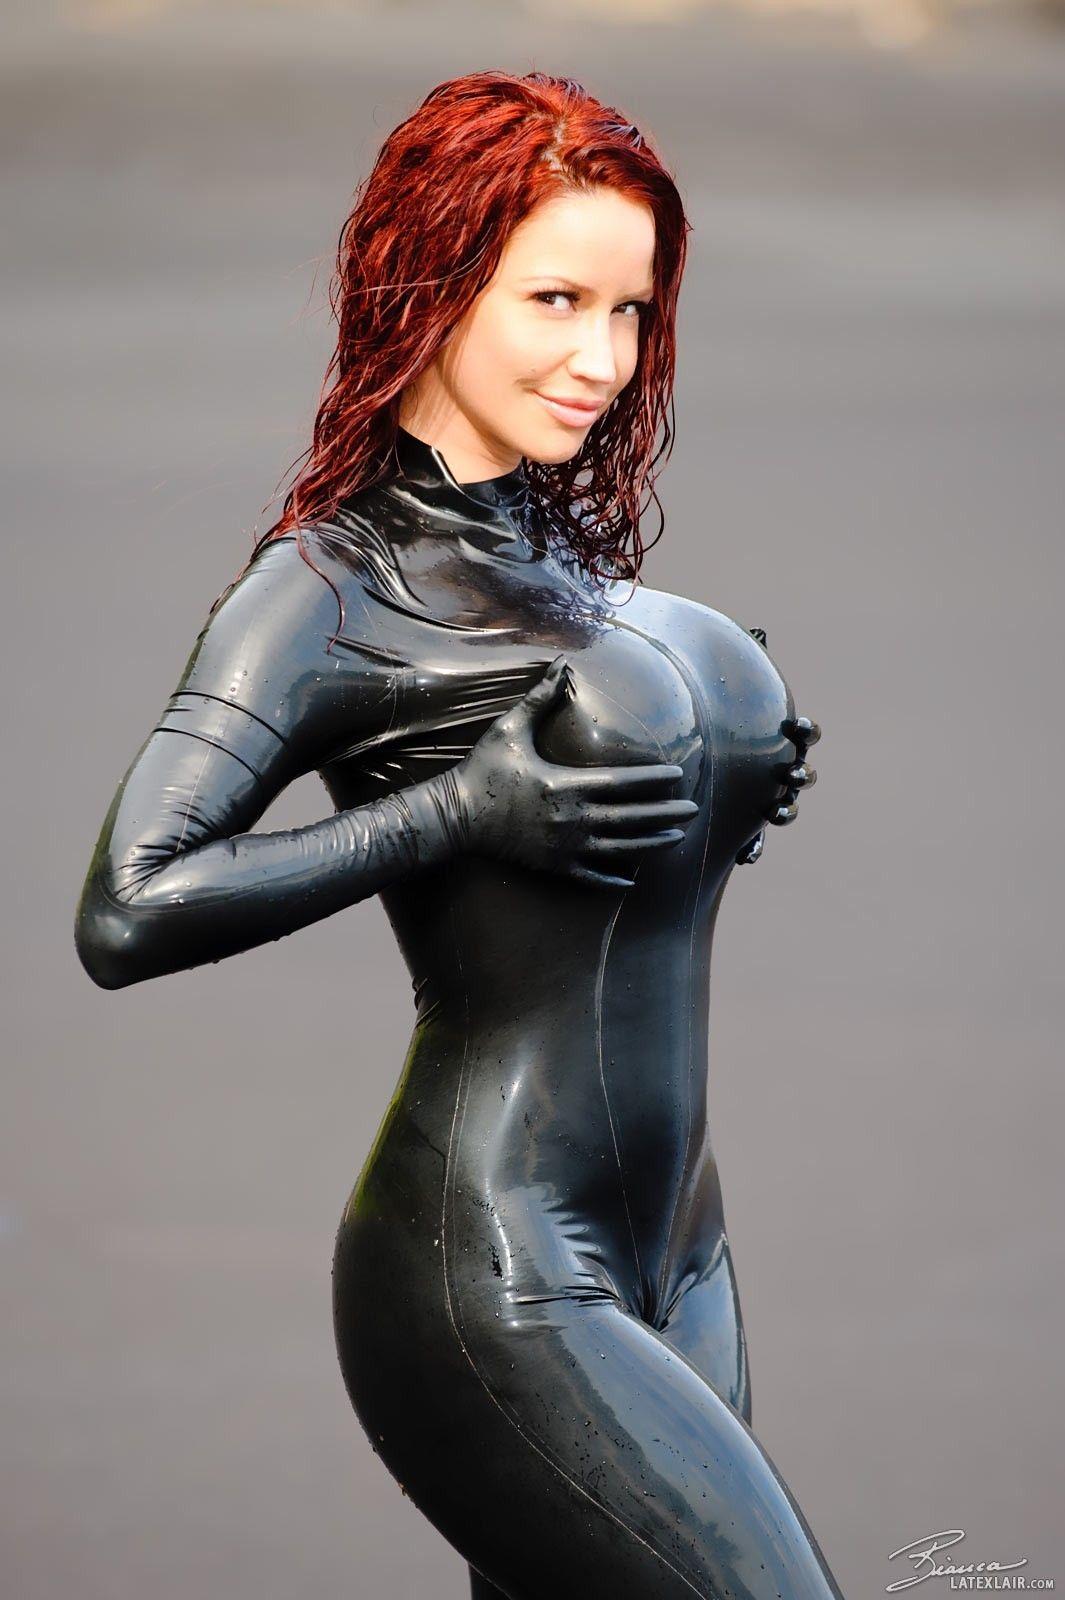 Bianca beauchamp redhead